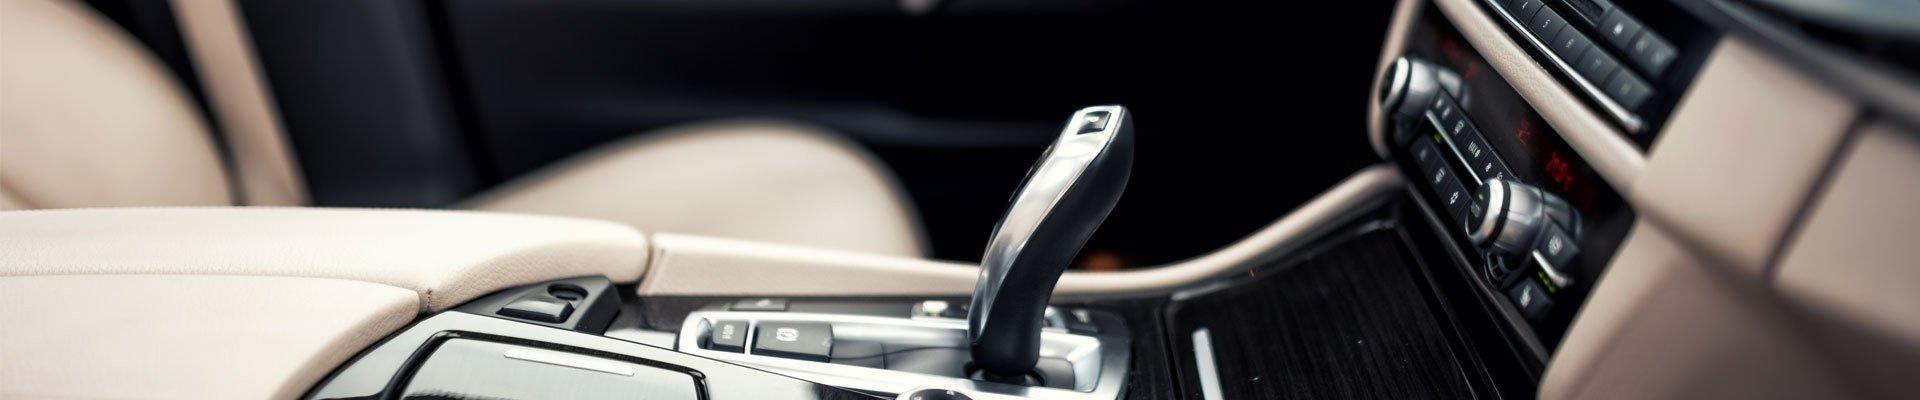 Elite Mobile Wash & Detailing Car wash services